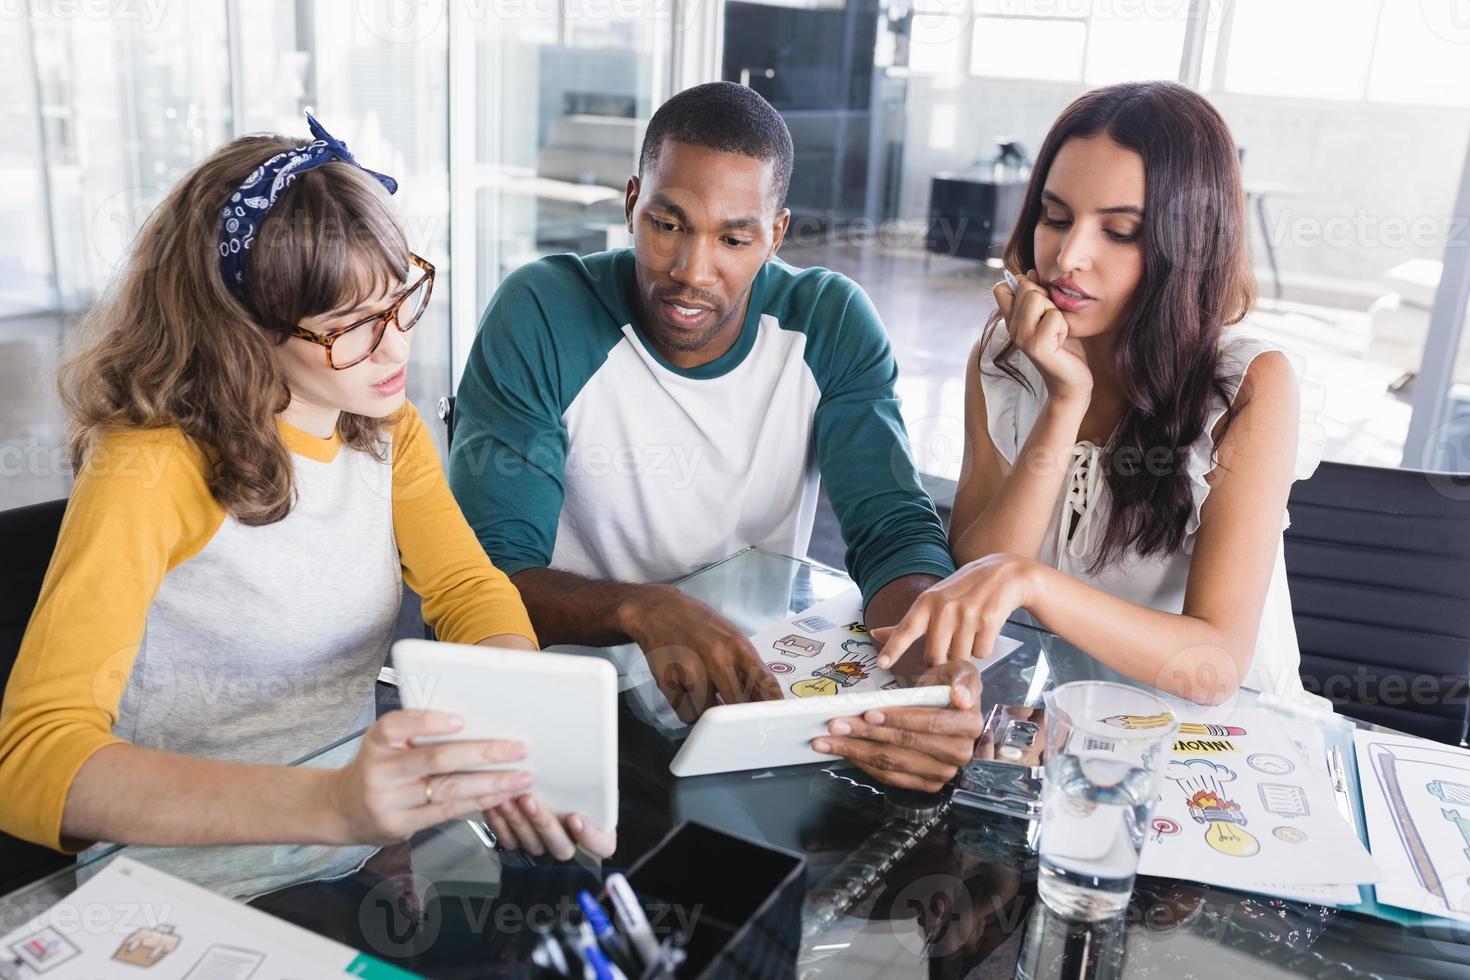 uomini d'affari creativi discutendo su tavolette digitali in ufficio foto